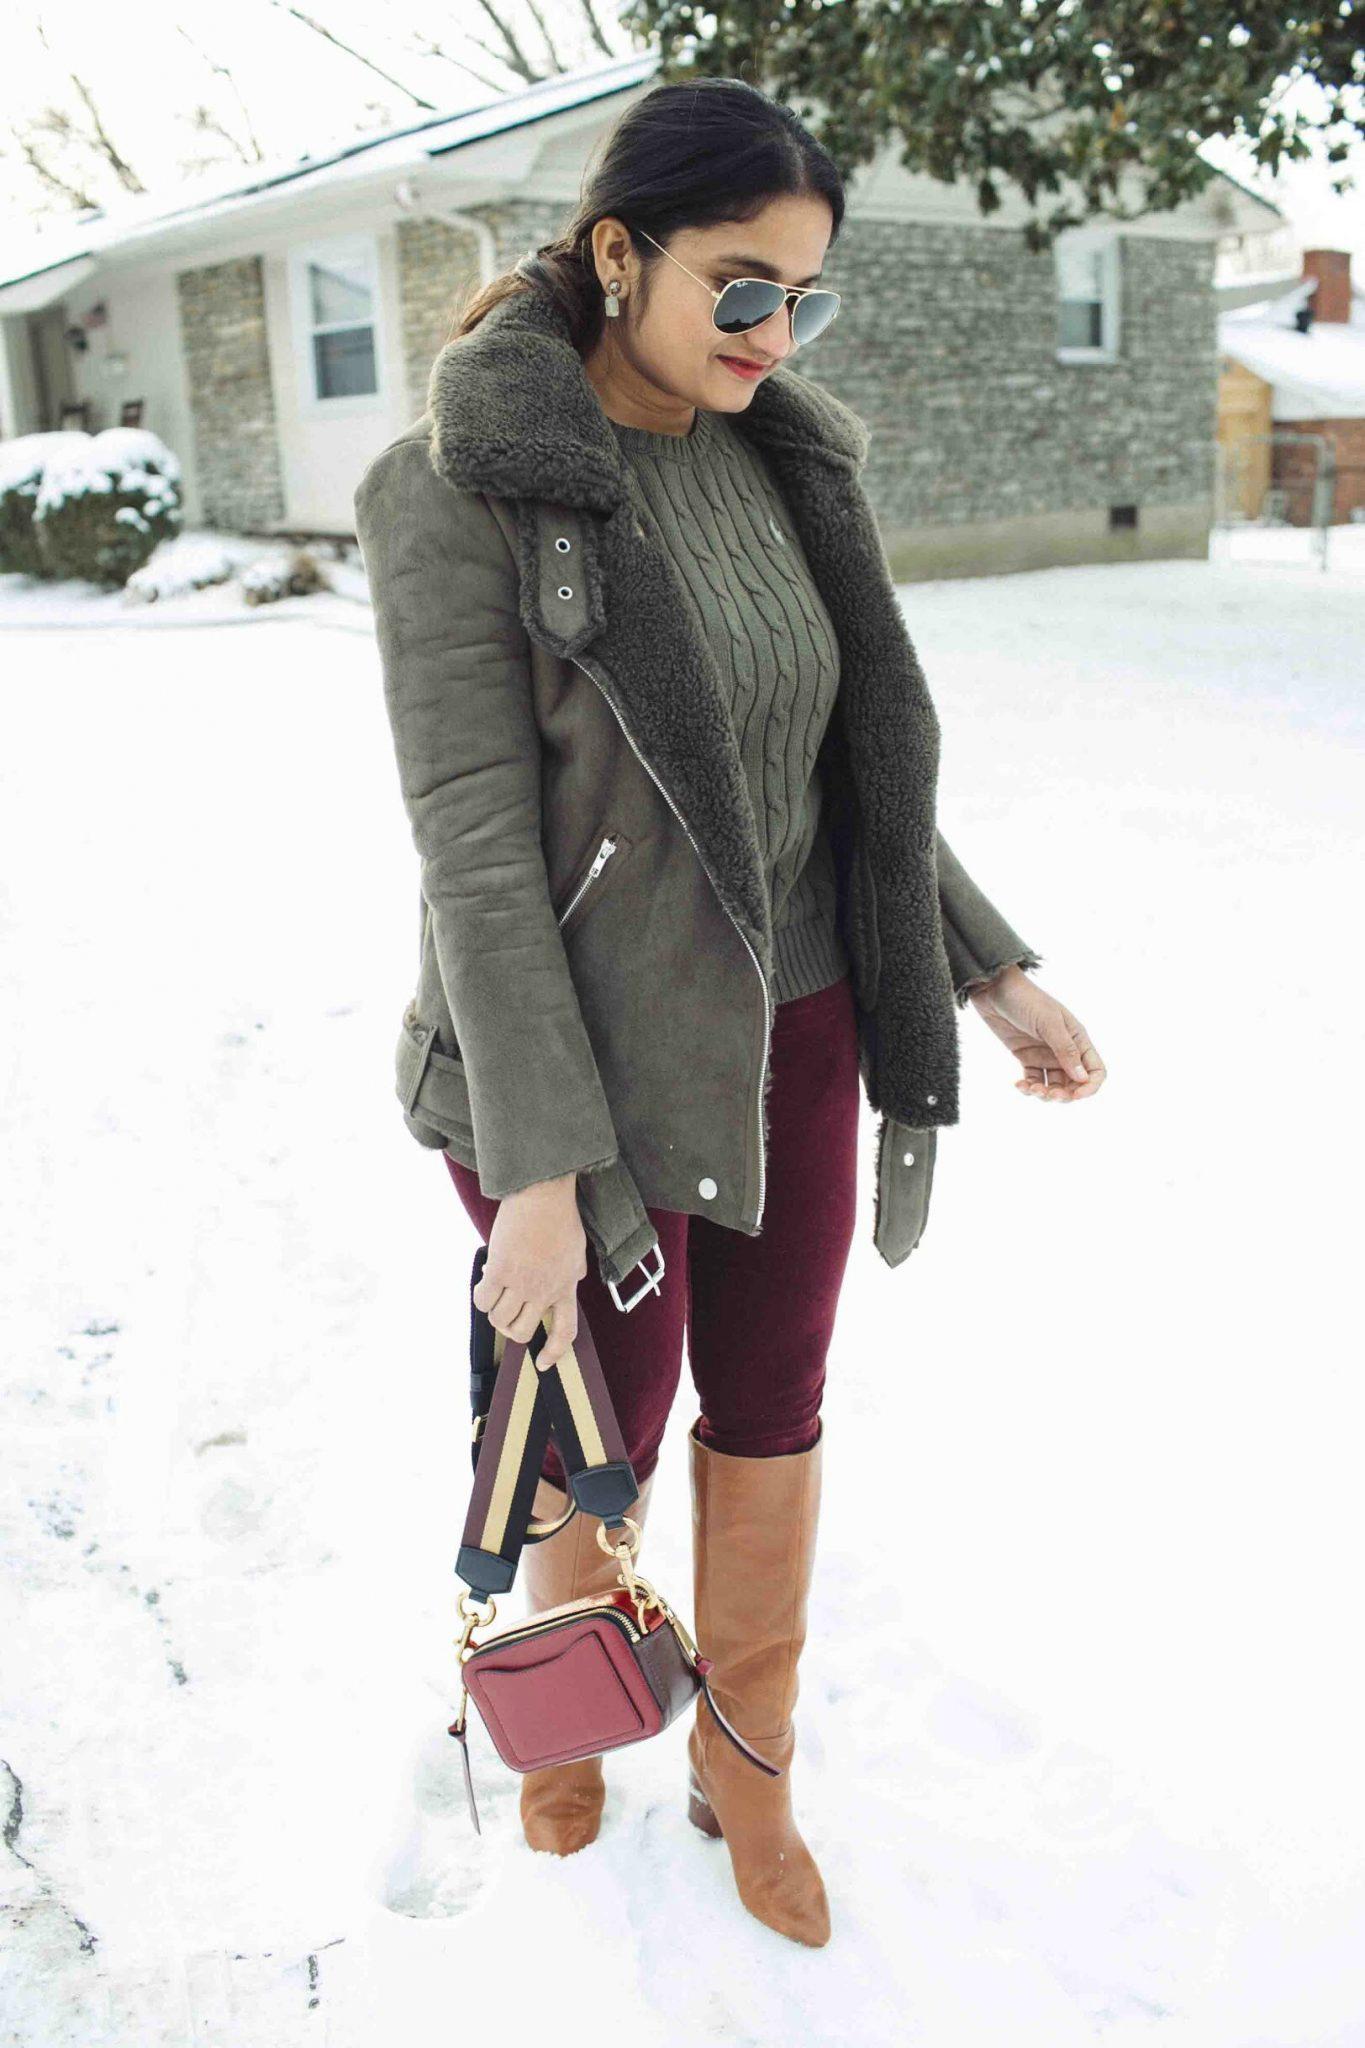 Lifestyle Blog Dreaming Loud wearing Ag The Farrah High Waist Velvet Jeans